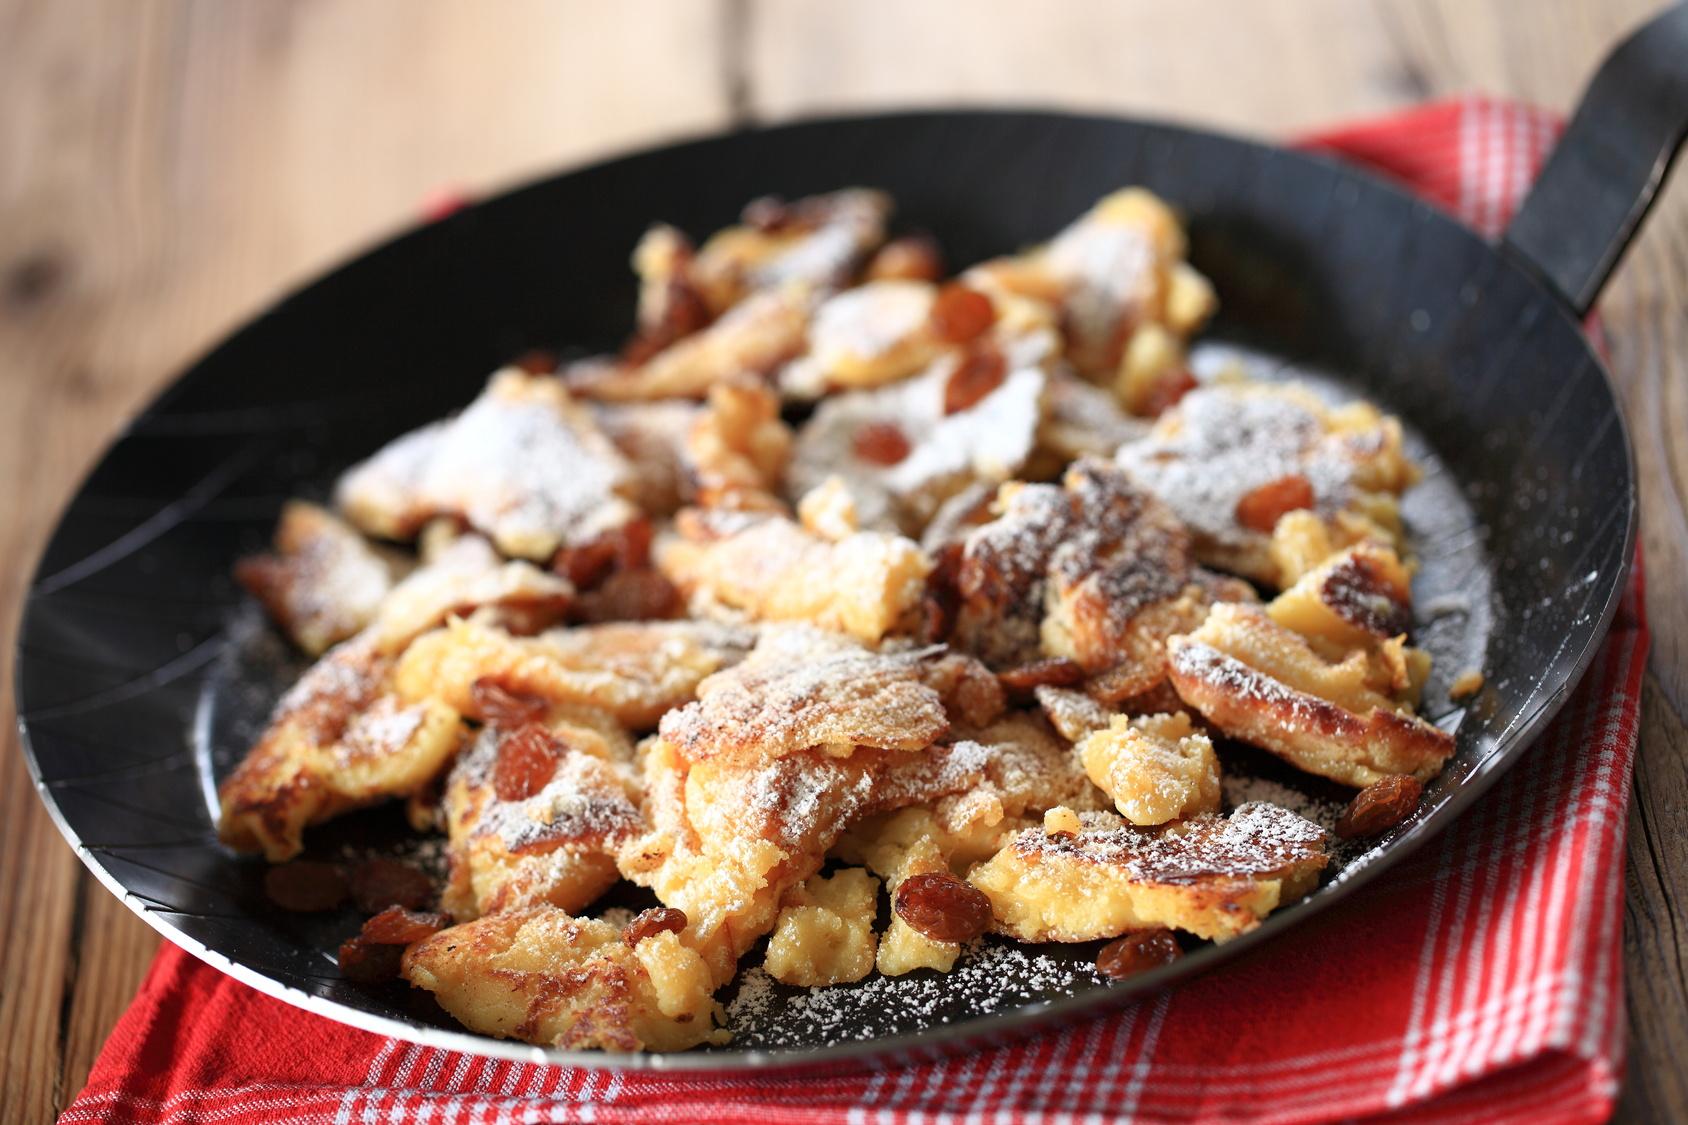 KAISERSCHMARRNMIT ÄPFELN   Braten Sie Ihre Äpfel und Rosinen mit Butter und einem Löffelchen BACKOFEN Zuckerle an, bis es  anfängt, leicht zu karamellisieren. Jetzt wie gewohnt mit dem Teig übergießen, braten, wenden und dann klein zupfen. Auf den Teller geben und noch warm mit BACKOFEN Zuckerle überstreuen.